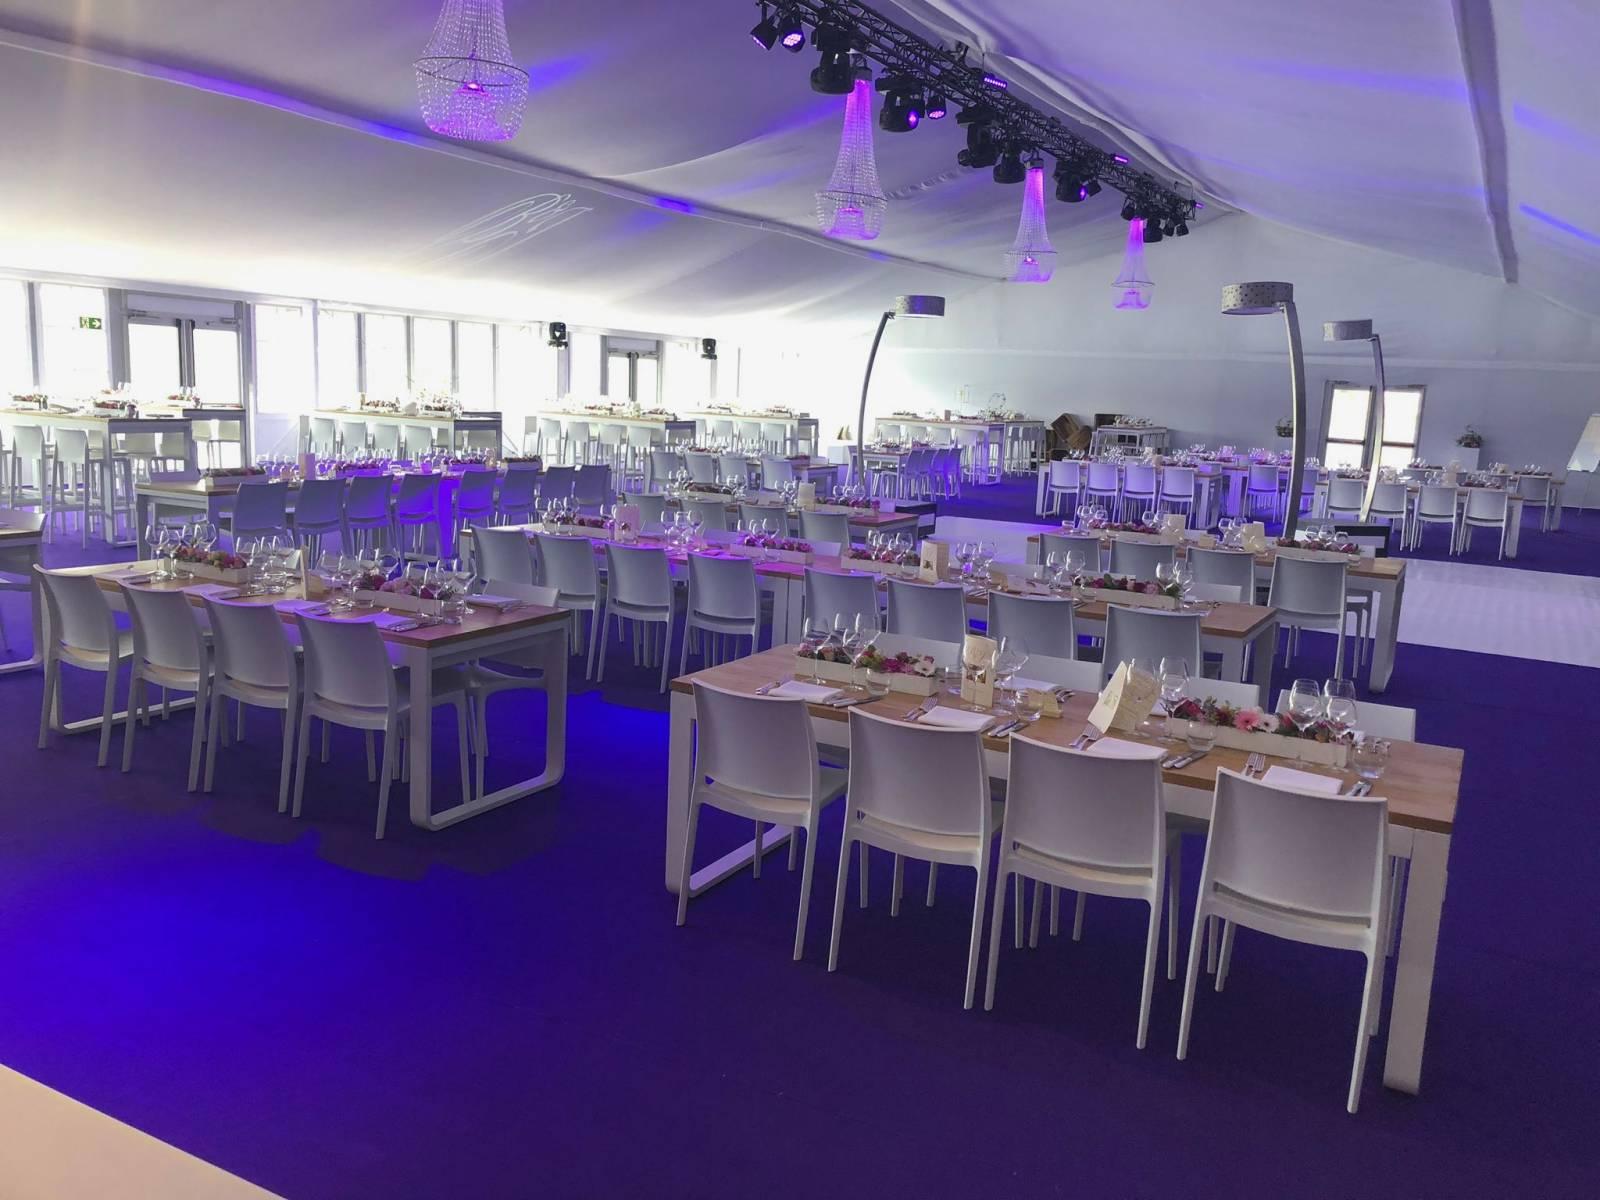 Feestverhuur Van Rompaey - Decoratie - Trouwdecoratie - House of Weddings - 25